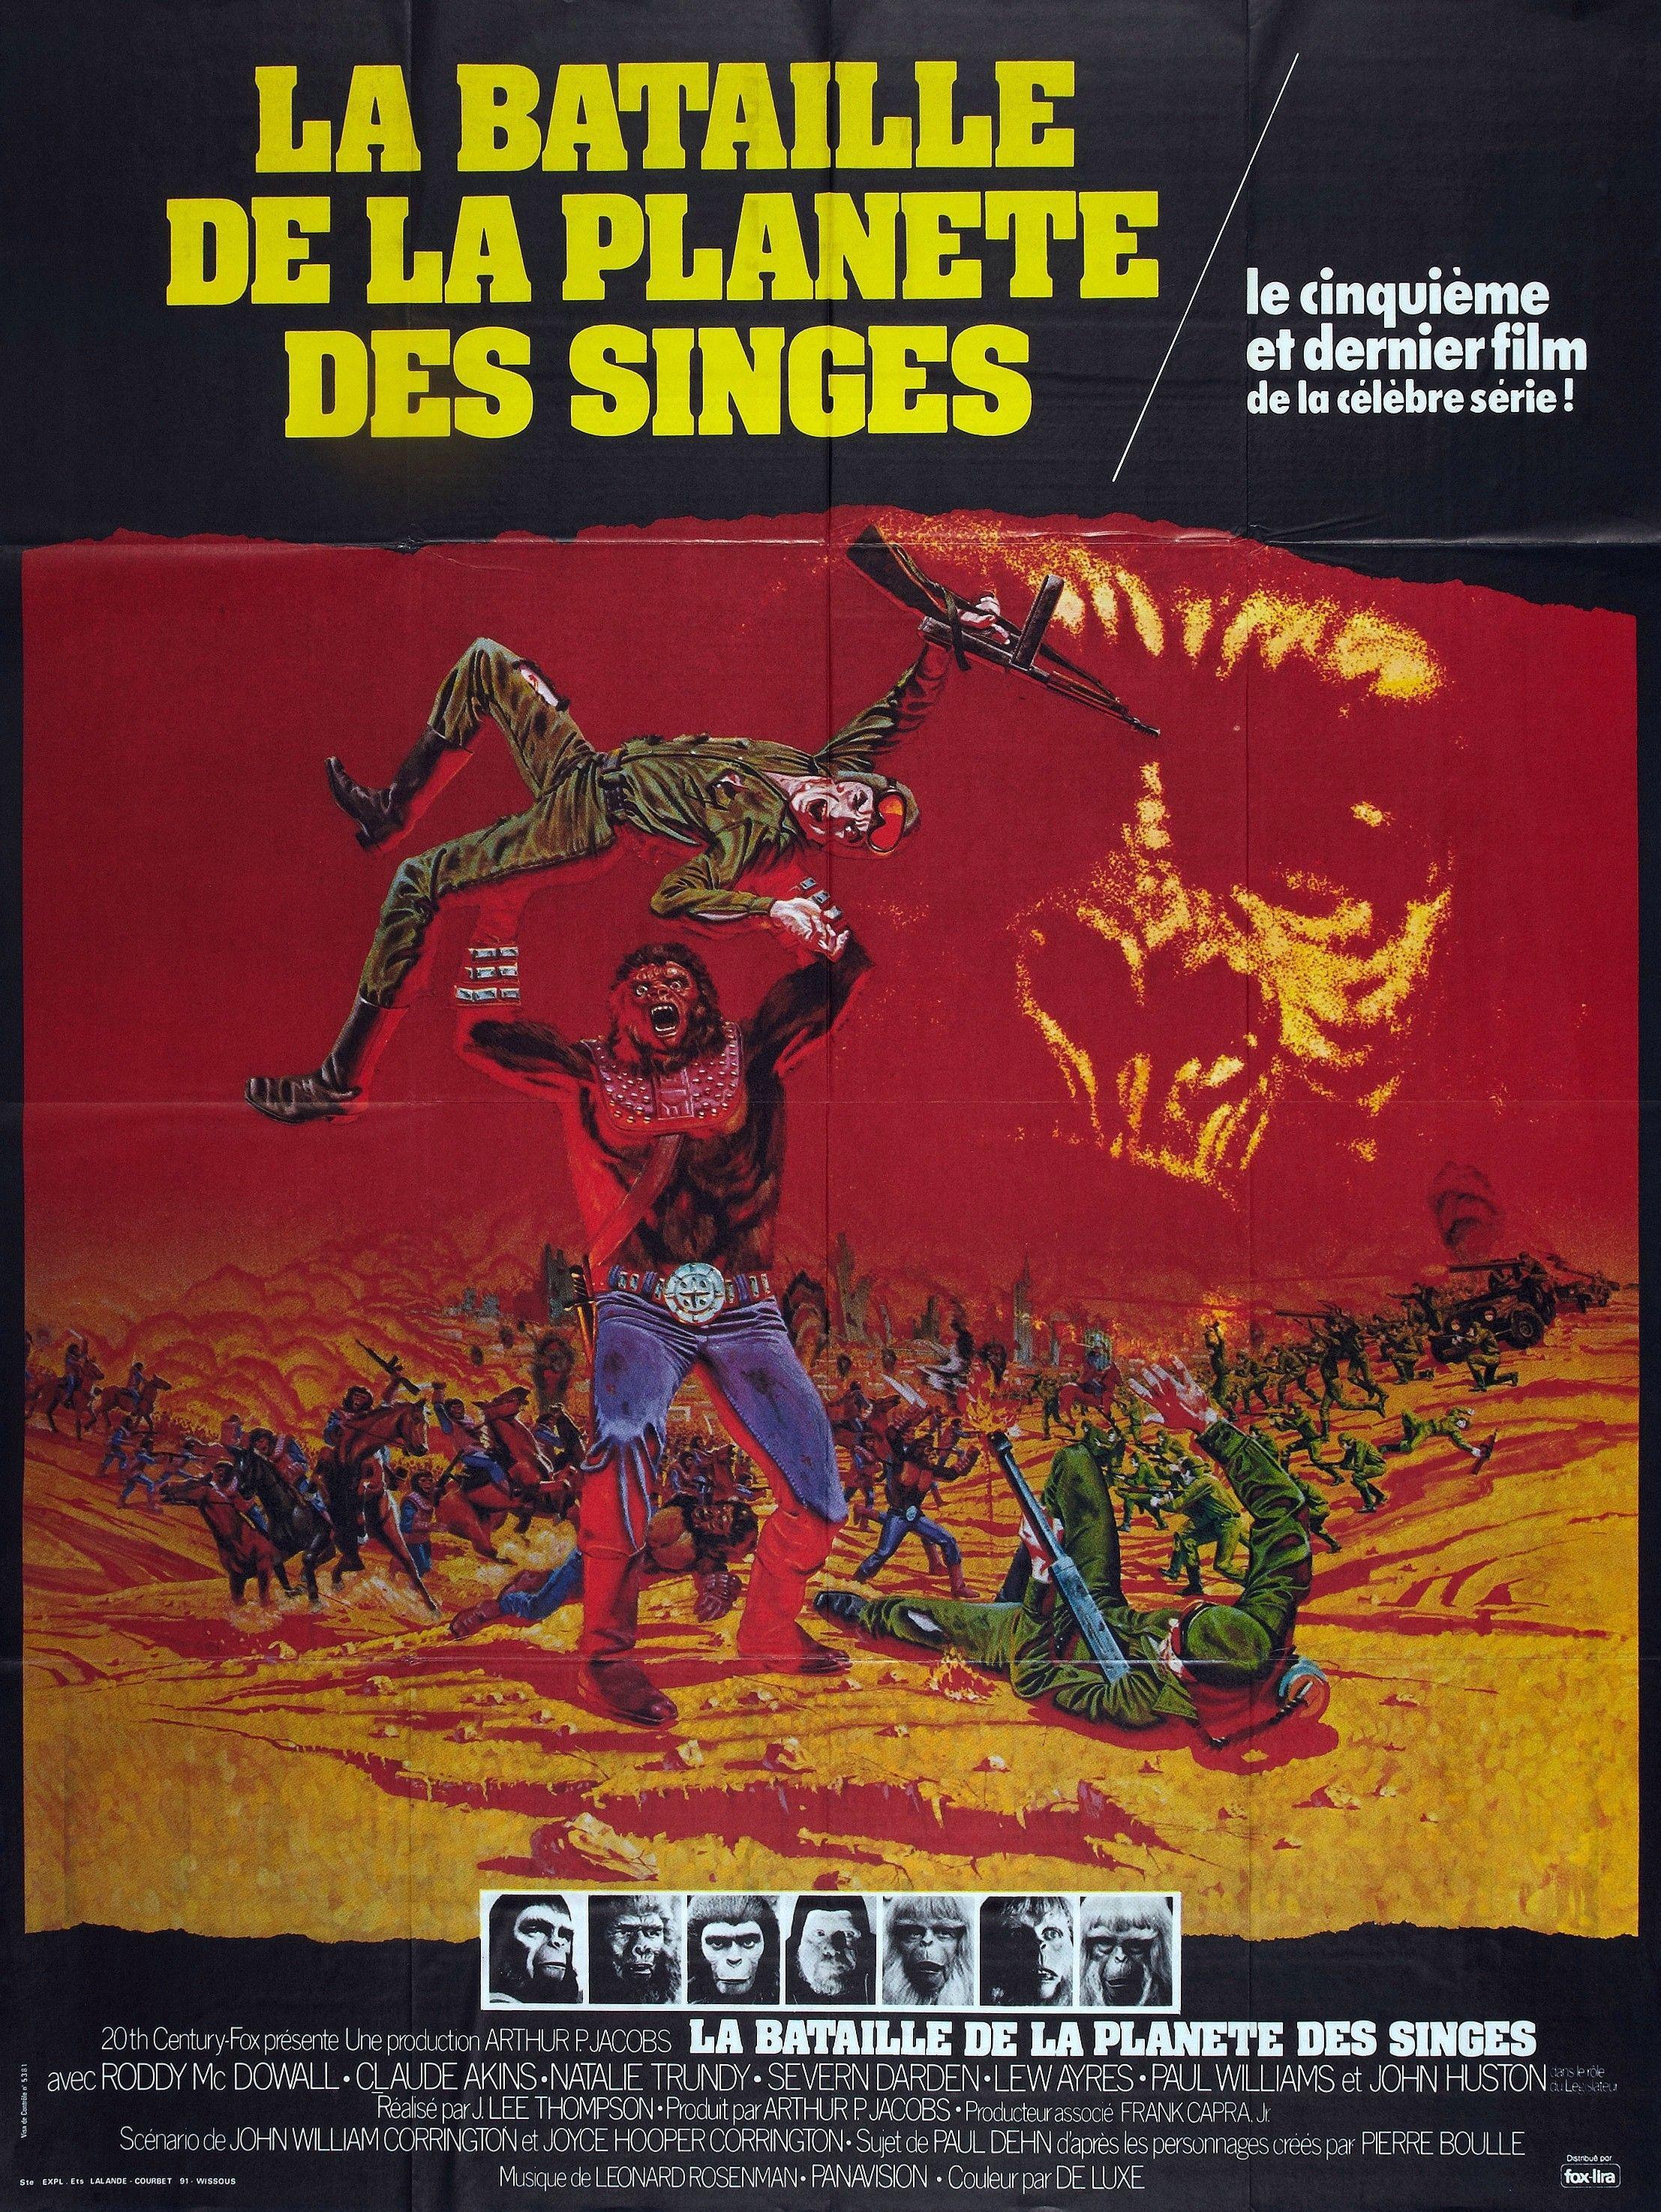 La Bataille de la planète des singes - Film (1973) - SensCritique